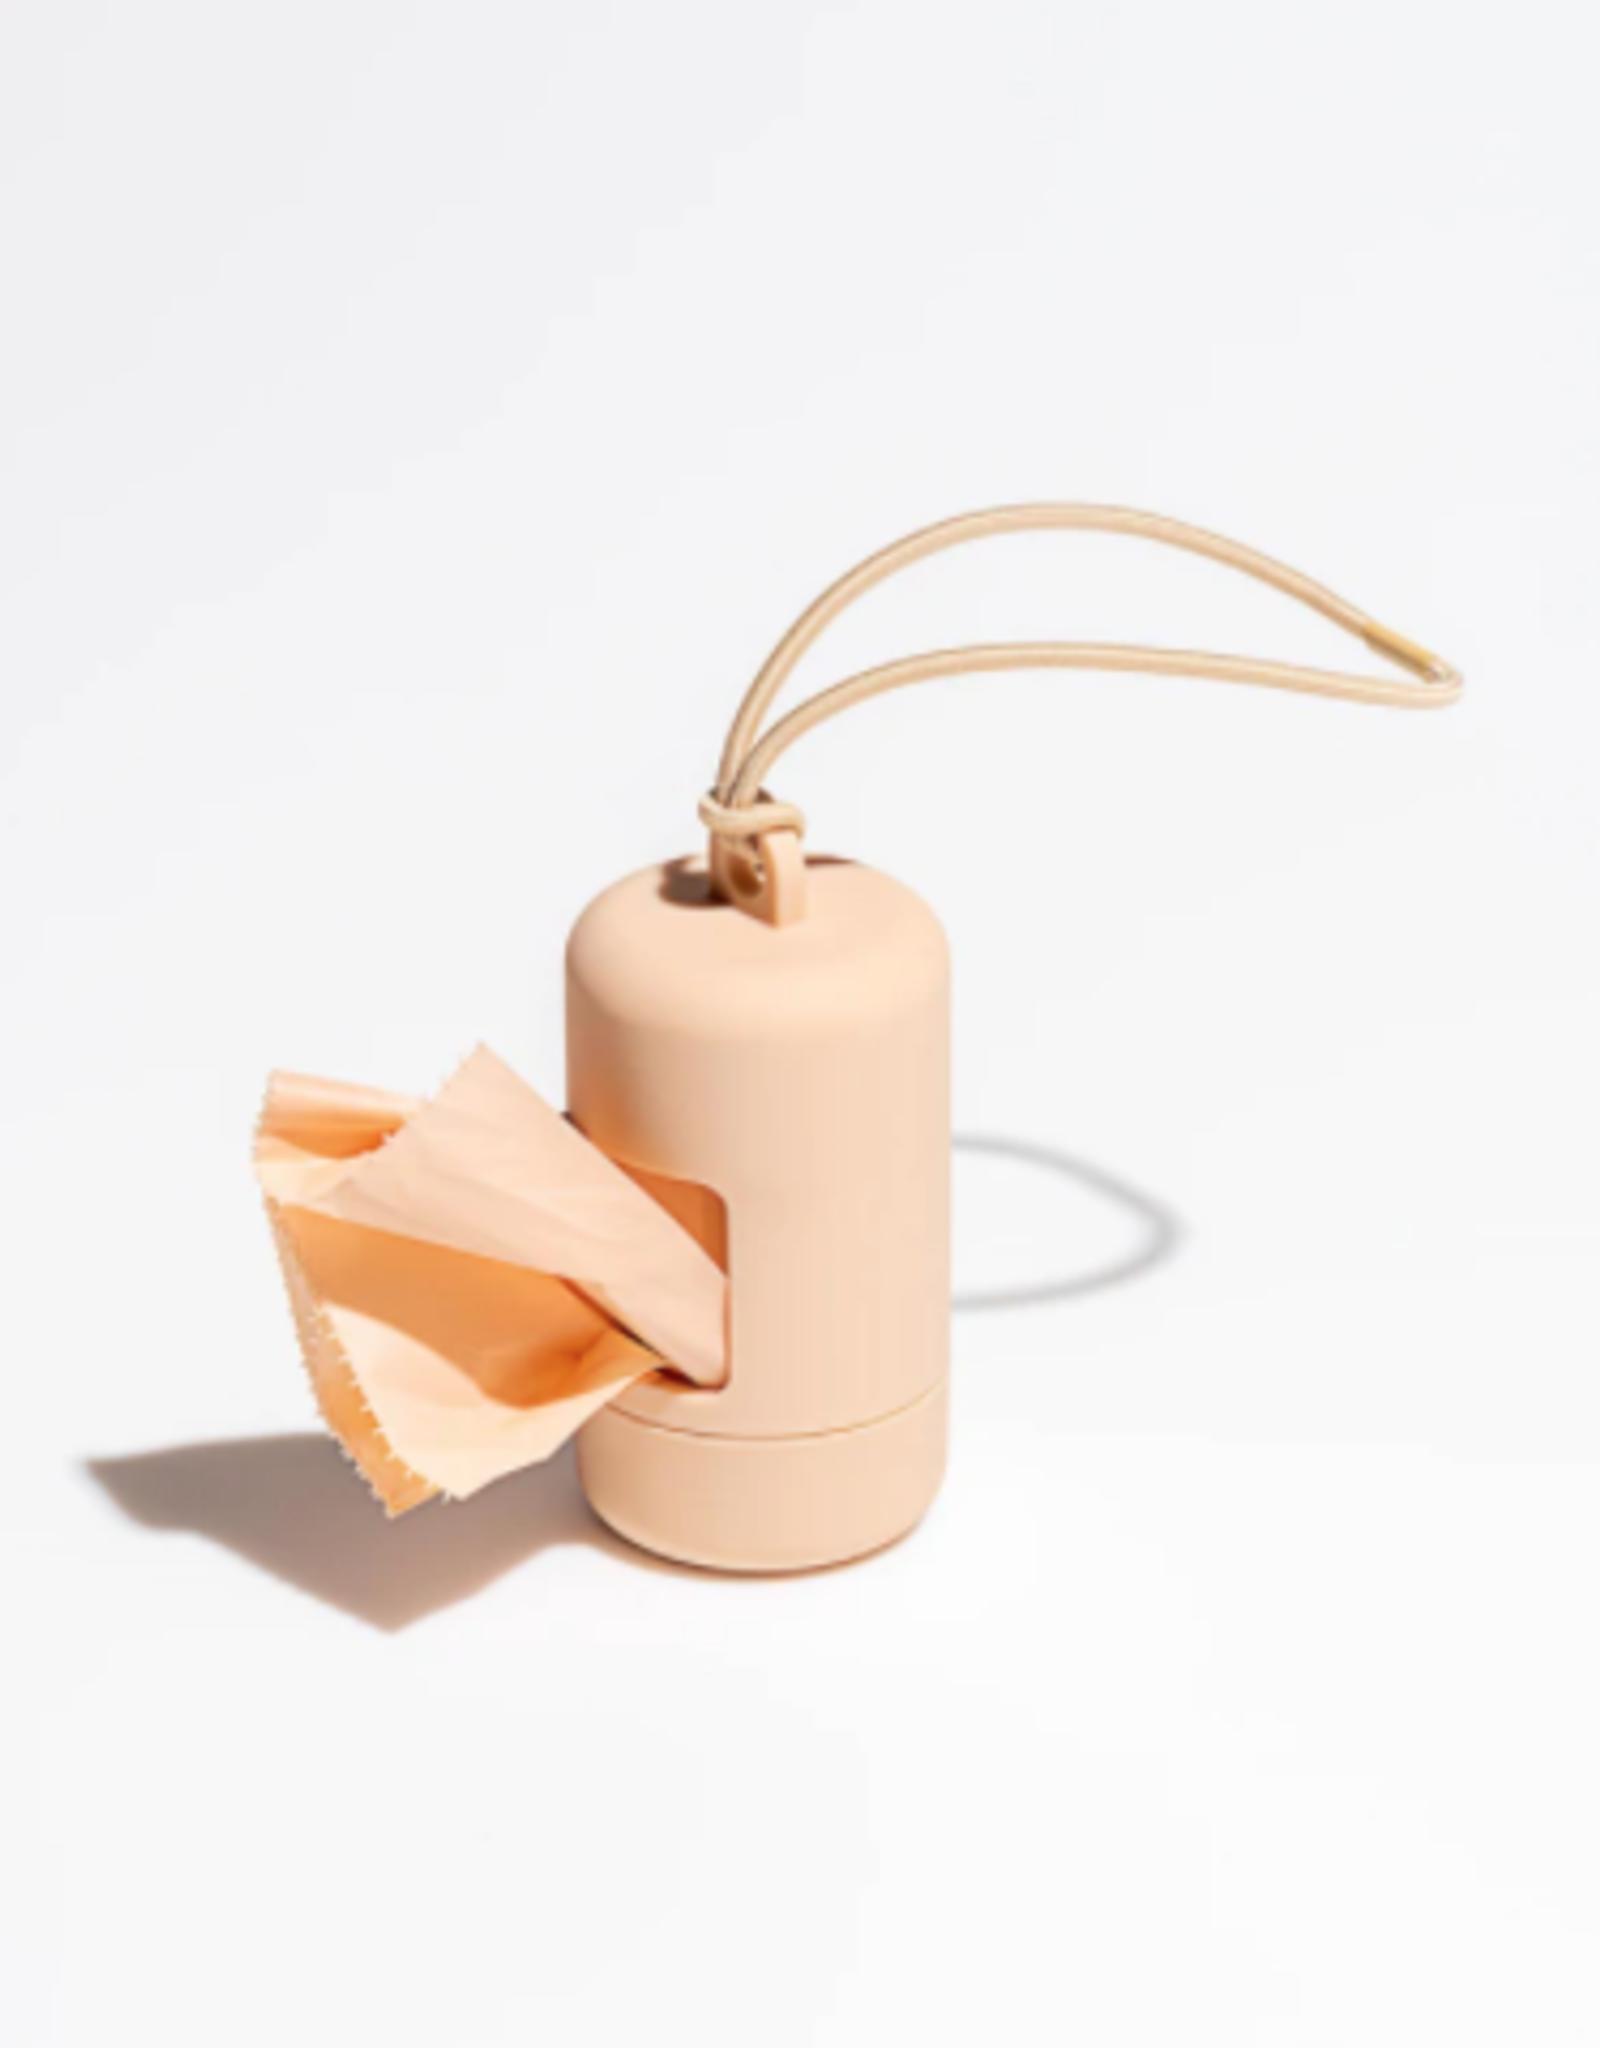 Tan Poop Bag Carrier